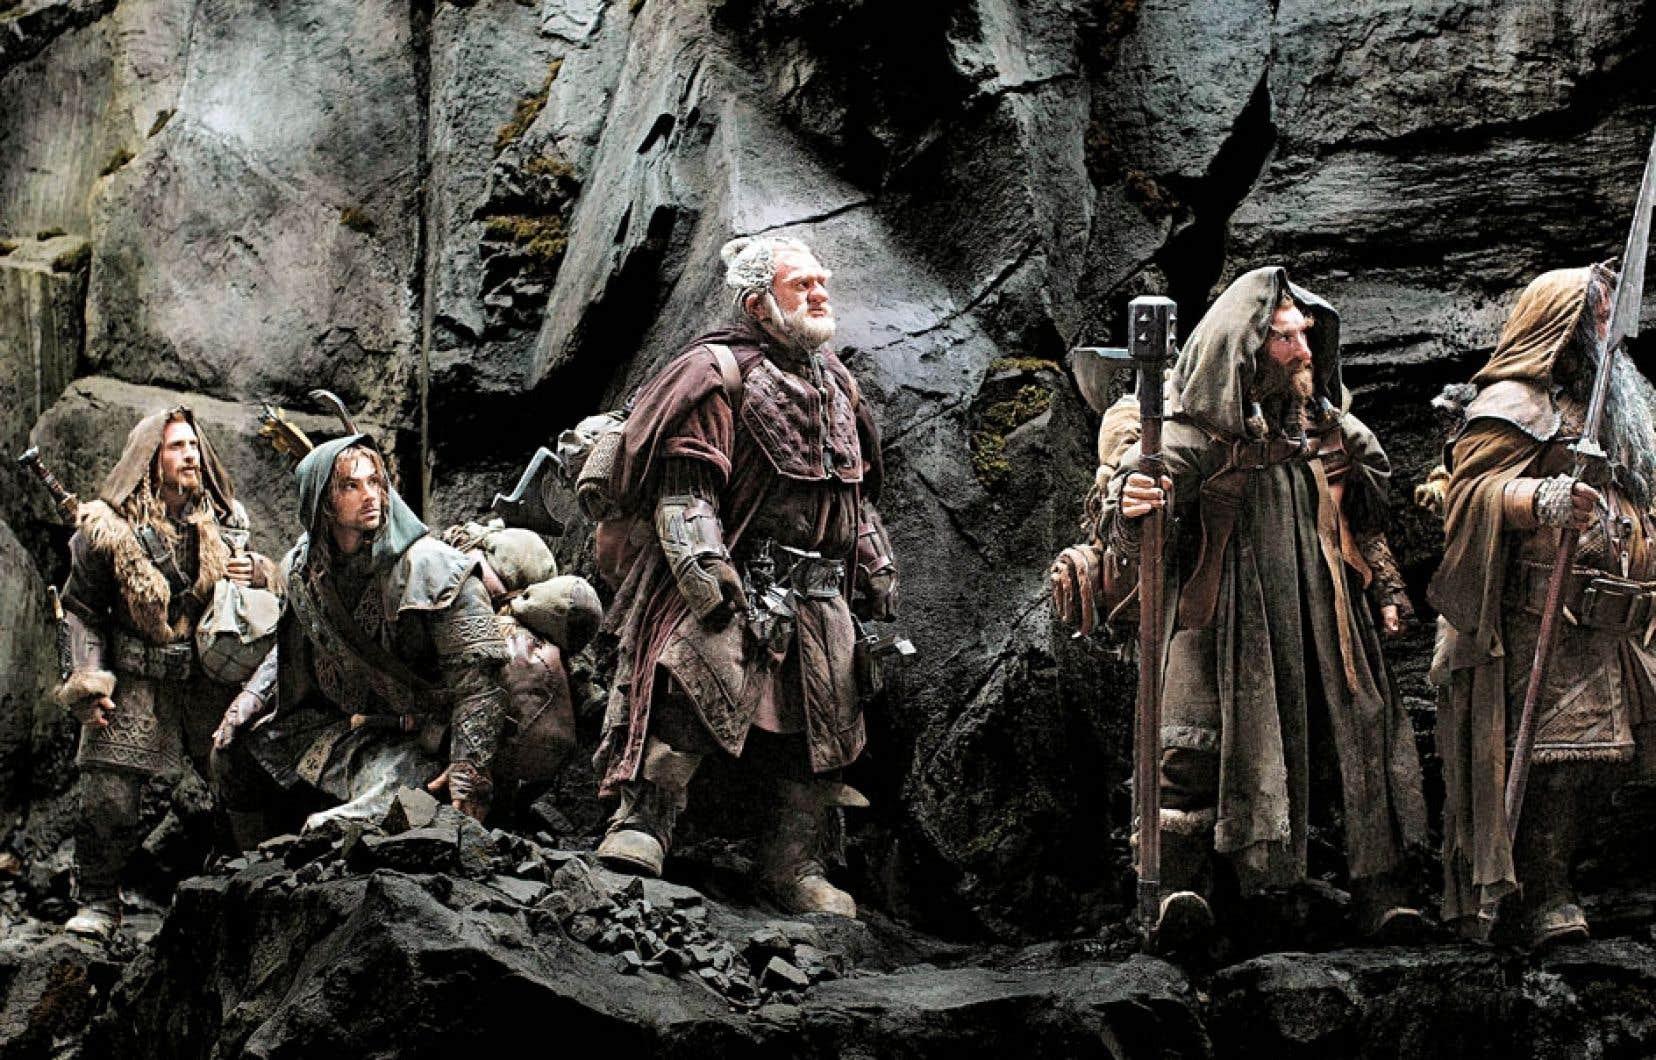 Il ne se passe pas grand-chose dans The Hobbit, mis à part d'interminables affrontements avec des êtres particulièrement hideux.